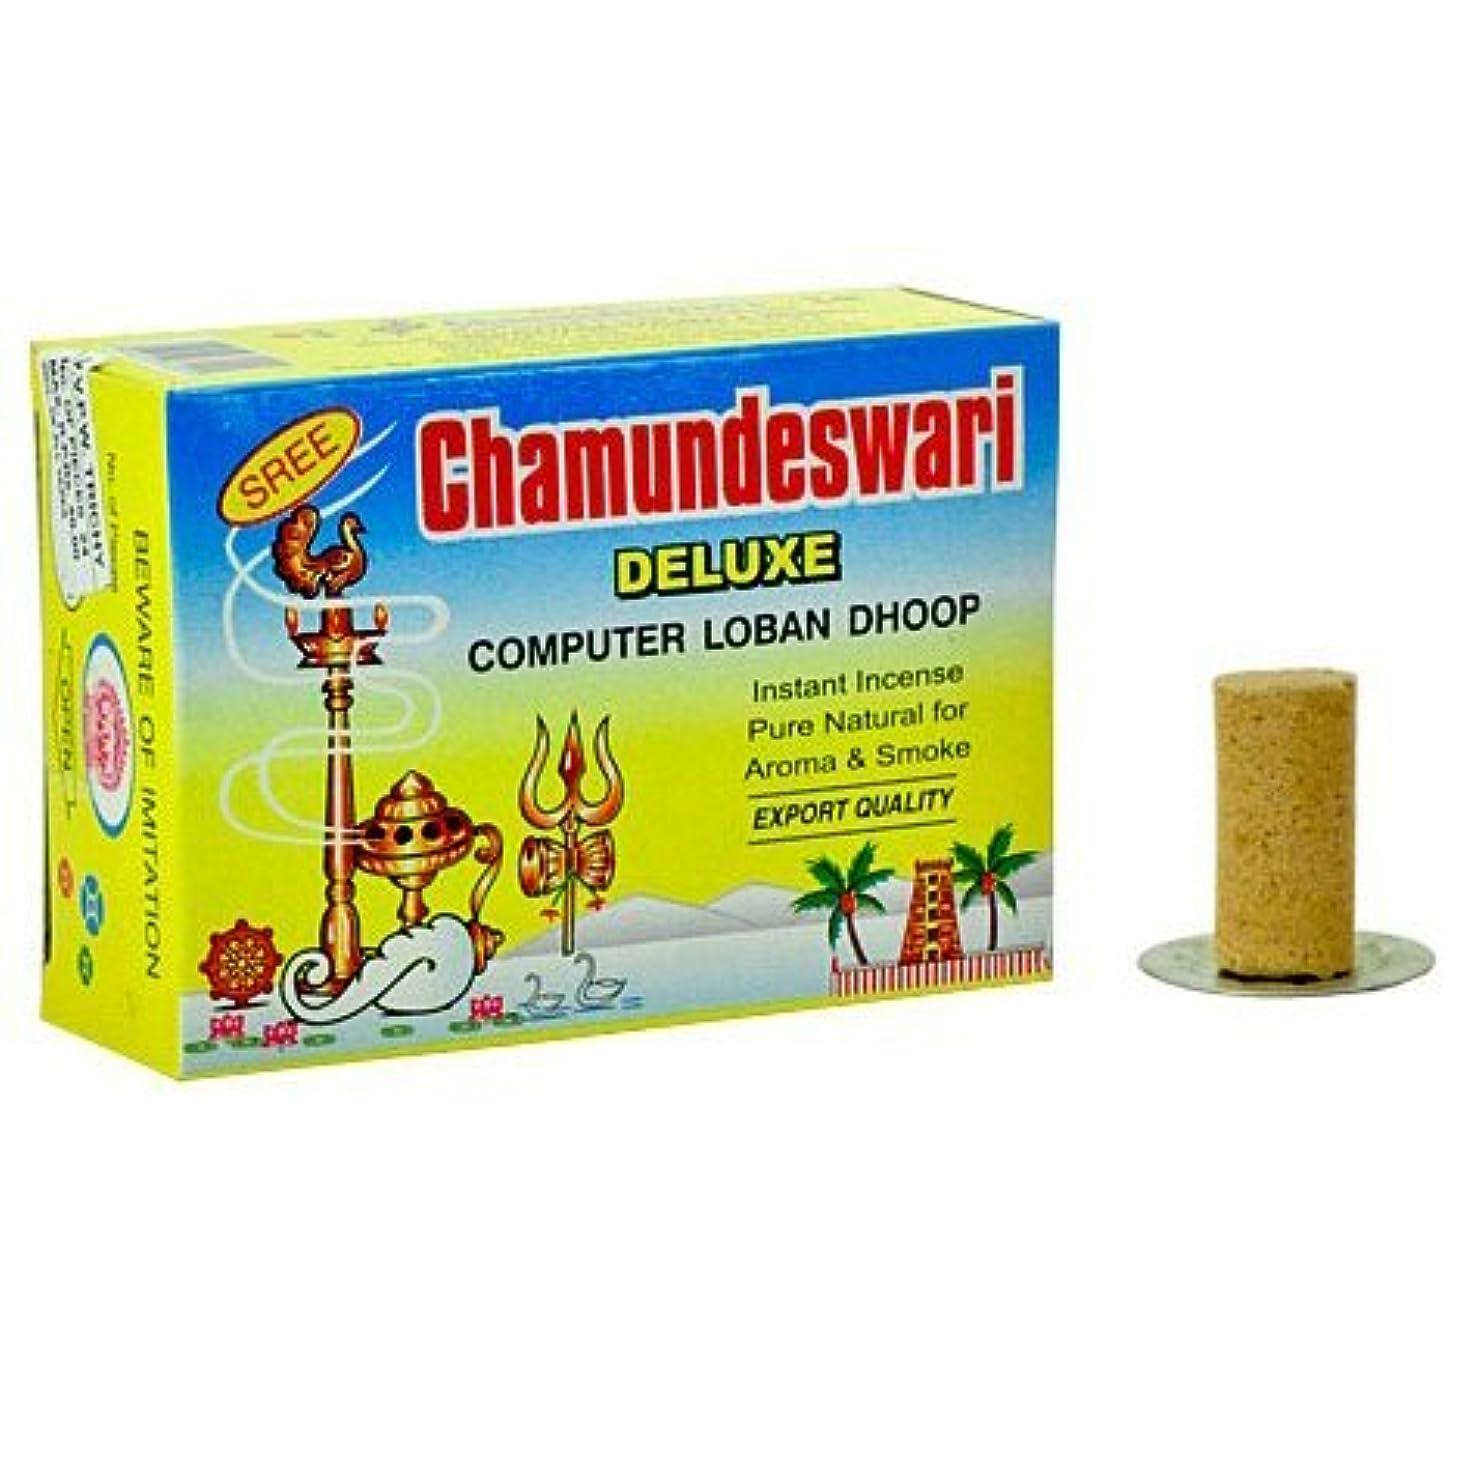 おじさんショルダー柔らかい足Sree ChamundeswariデラックスコンピュータSambrani Loban Dhoop、1.5